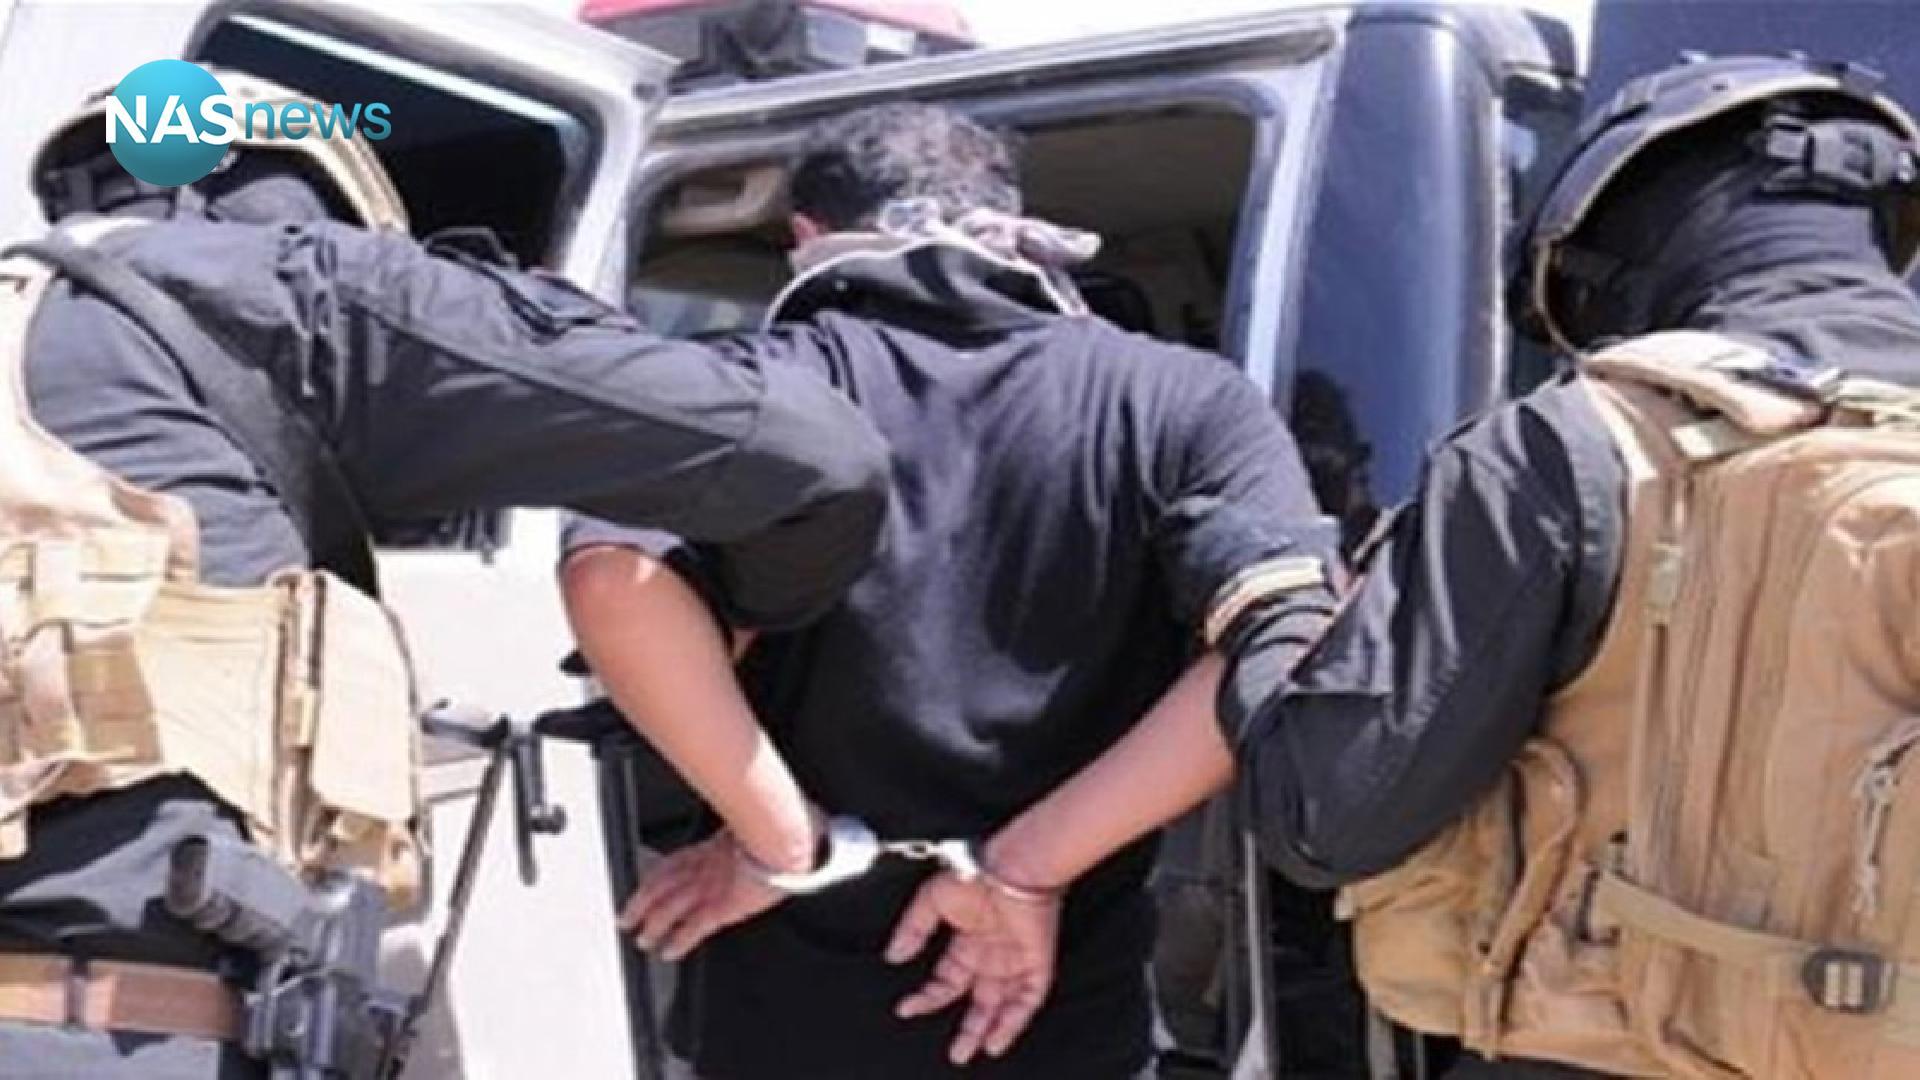 ضبط مبتز الكتروني هدد فتاة بنشر صورها على مواقع التواصل الاجتماعي في بغداد